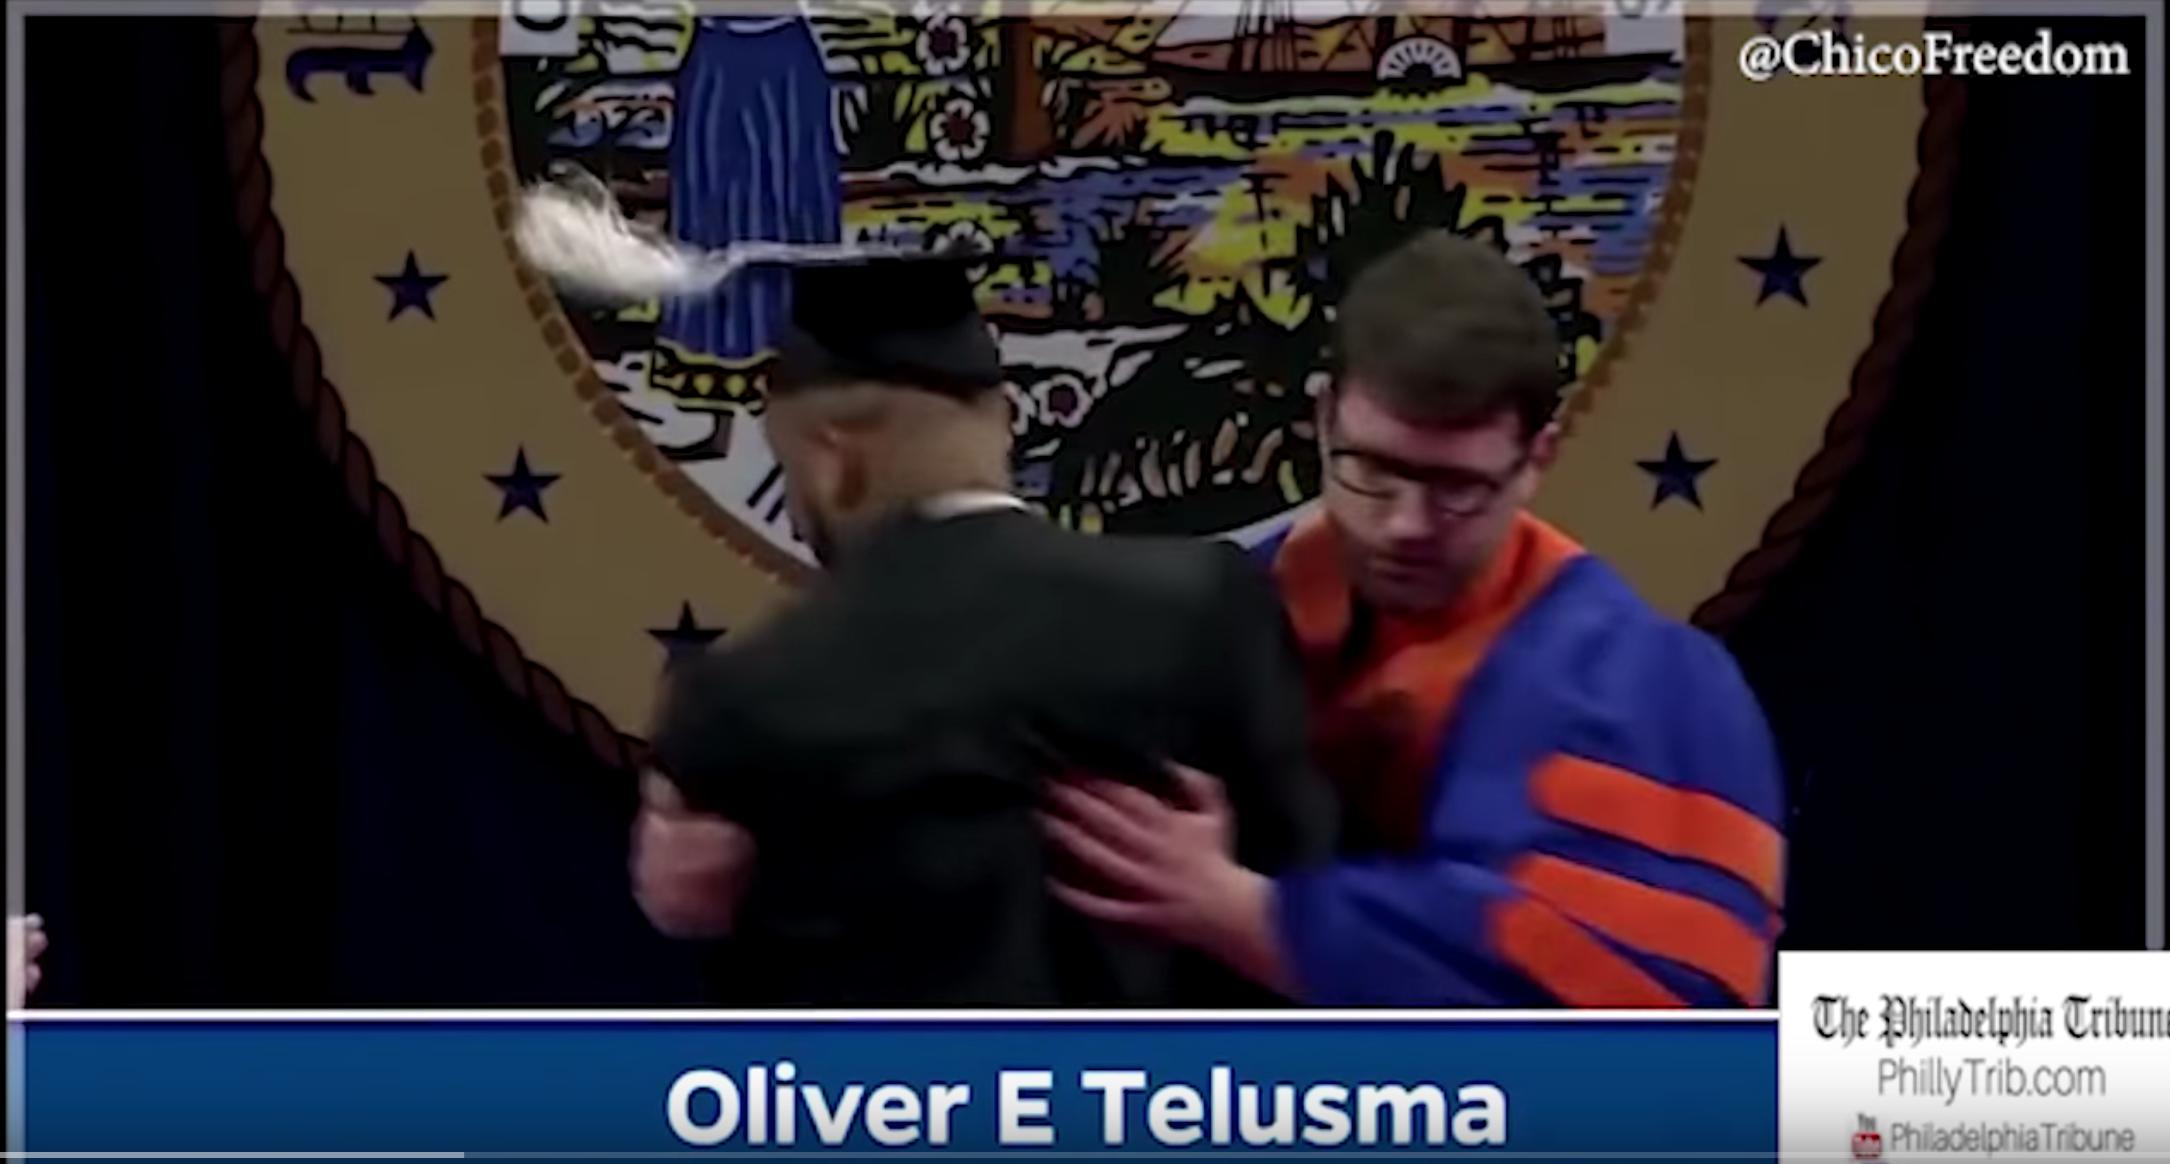 05/07/18 : Univ. of Florida Black greeks manhandled for strolling at graduation